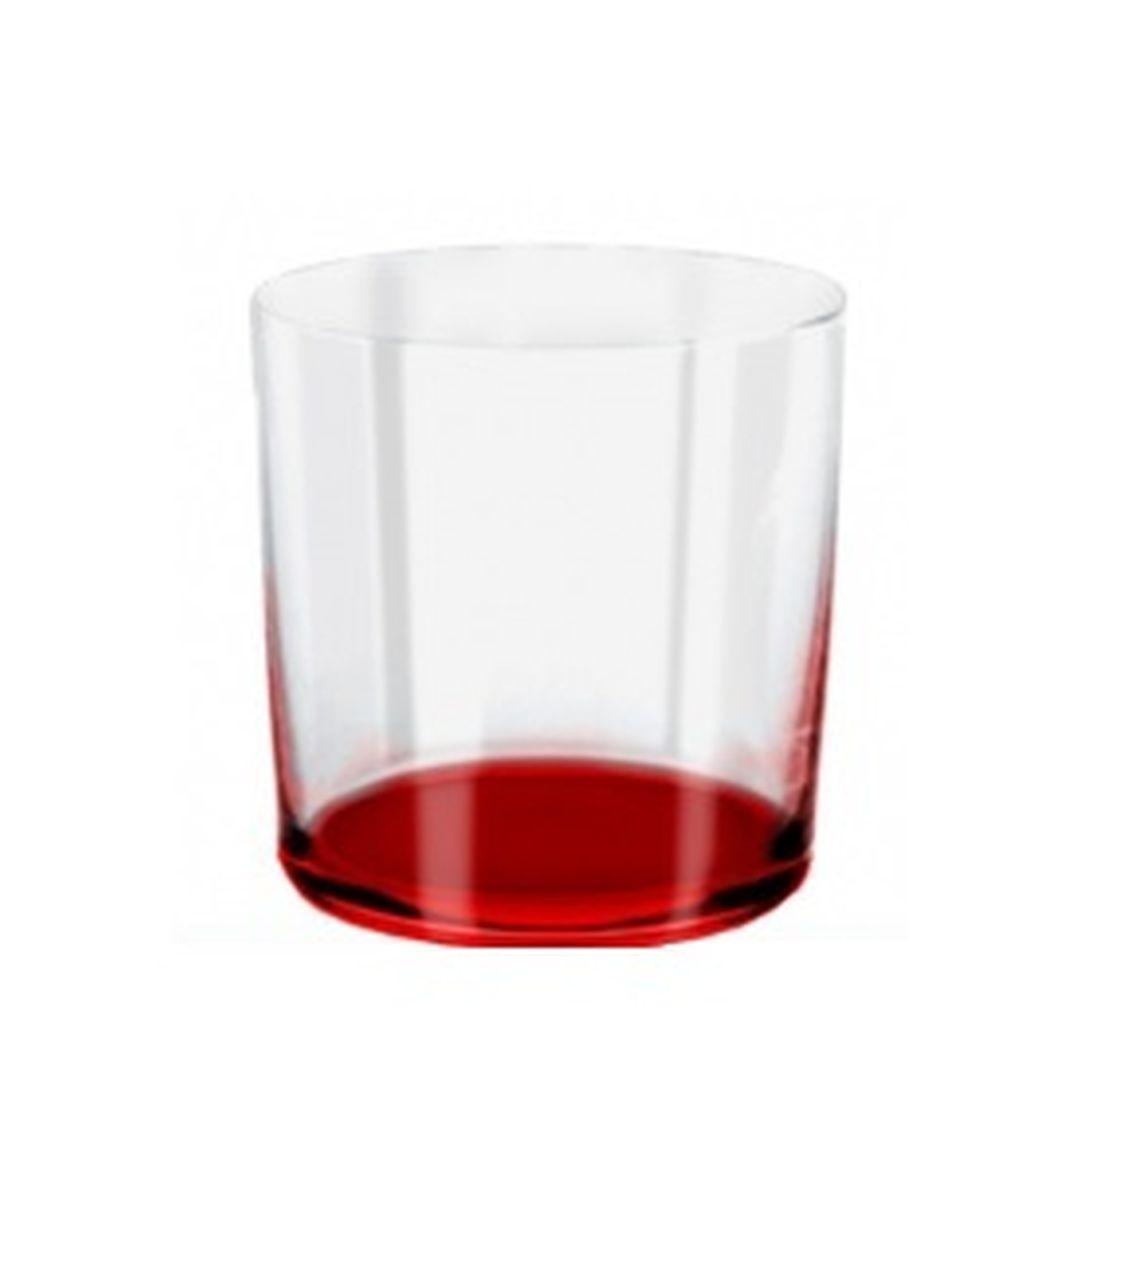 Bicchiere acqua burano rosso ml 390 stile burano cm.9,1h diam.8,6